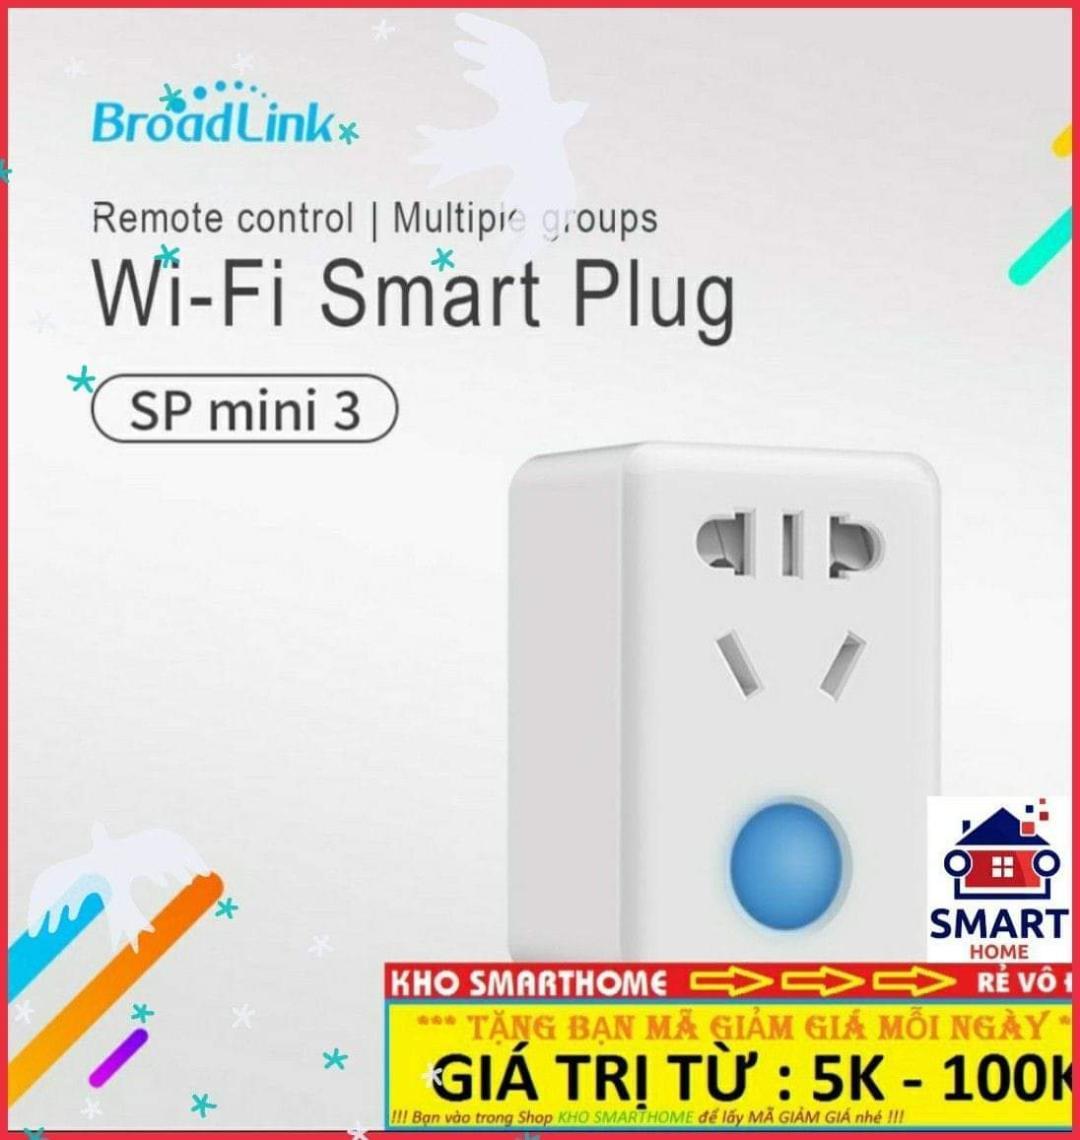 Ổ Cắm điện Thông Minh Broadlink SP Mini 3, điều Khiển Từ Xa Qua WIFI, 3G, 4G Giảm Cực Đã